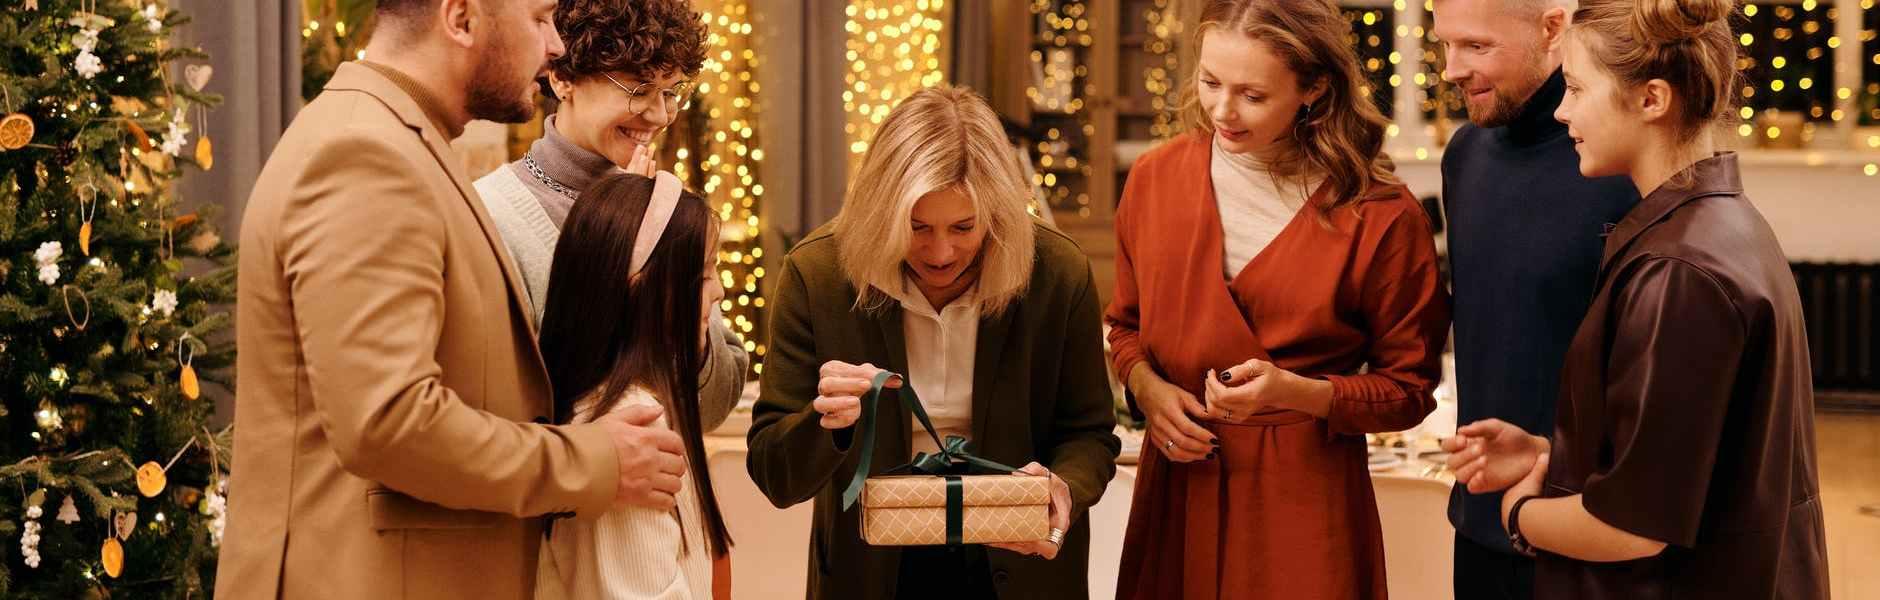 Završite godinu savršenim poklonom , family get together during christmas